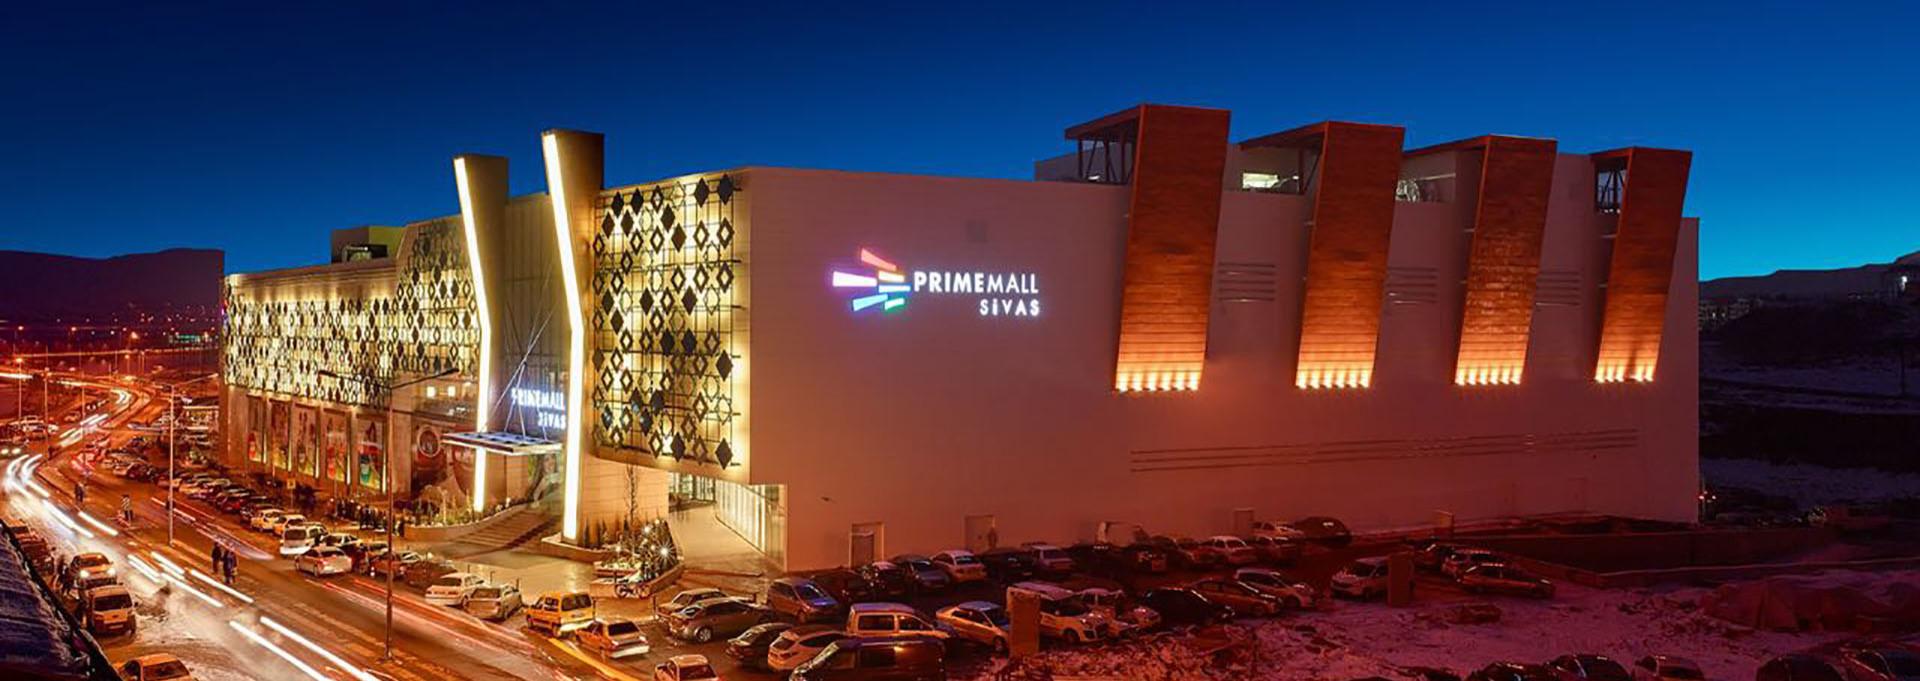 Primemall Sivas